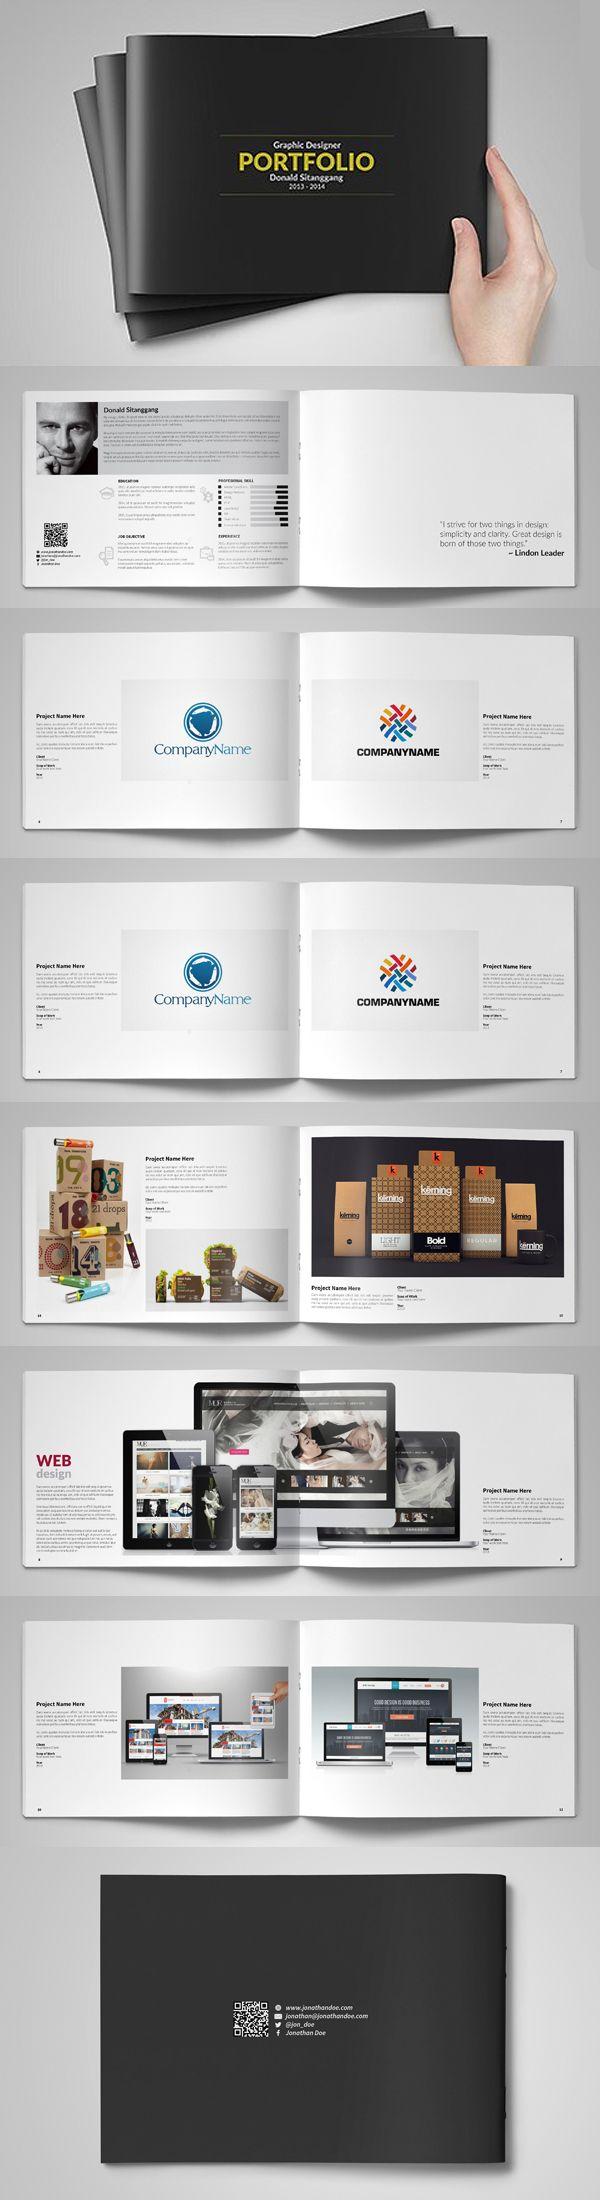 print portfolio design layout wwwimgkidcom the image